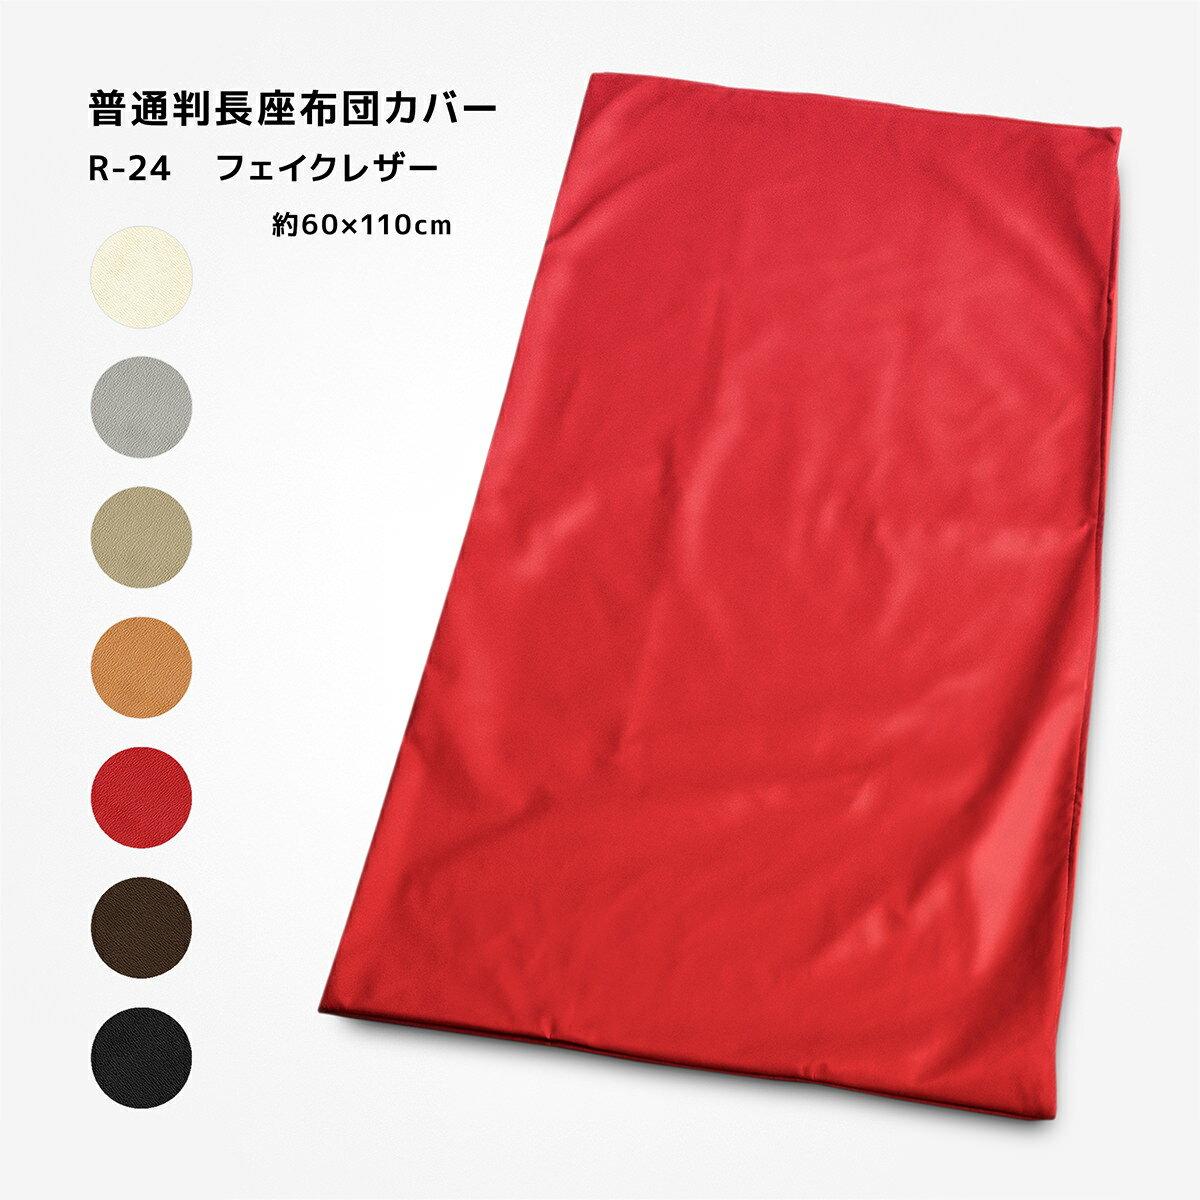 長座布団カバー 約60×110cm R-24 フェイクレザー 素縫い両面仕様 長辺ファスナー開閉式 丸洗いOK ウォッシャブル 合皮 合成皮革 高級感 普通判サイズ 関東判サイズ 長ざぶとんカバー 日本製 国産品 MADE IN JAPAN